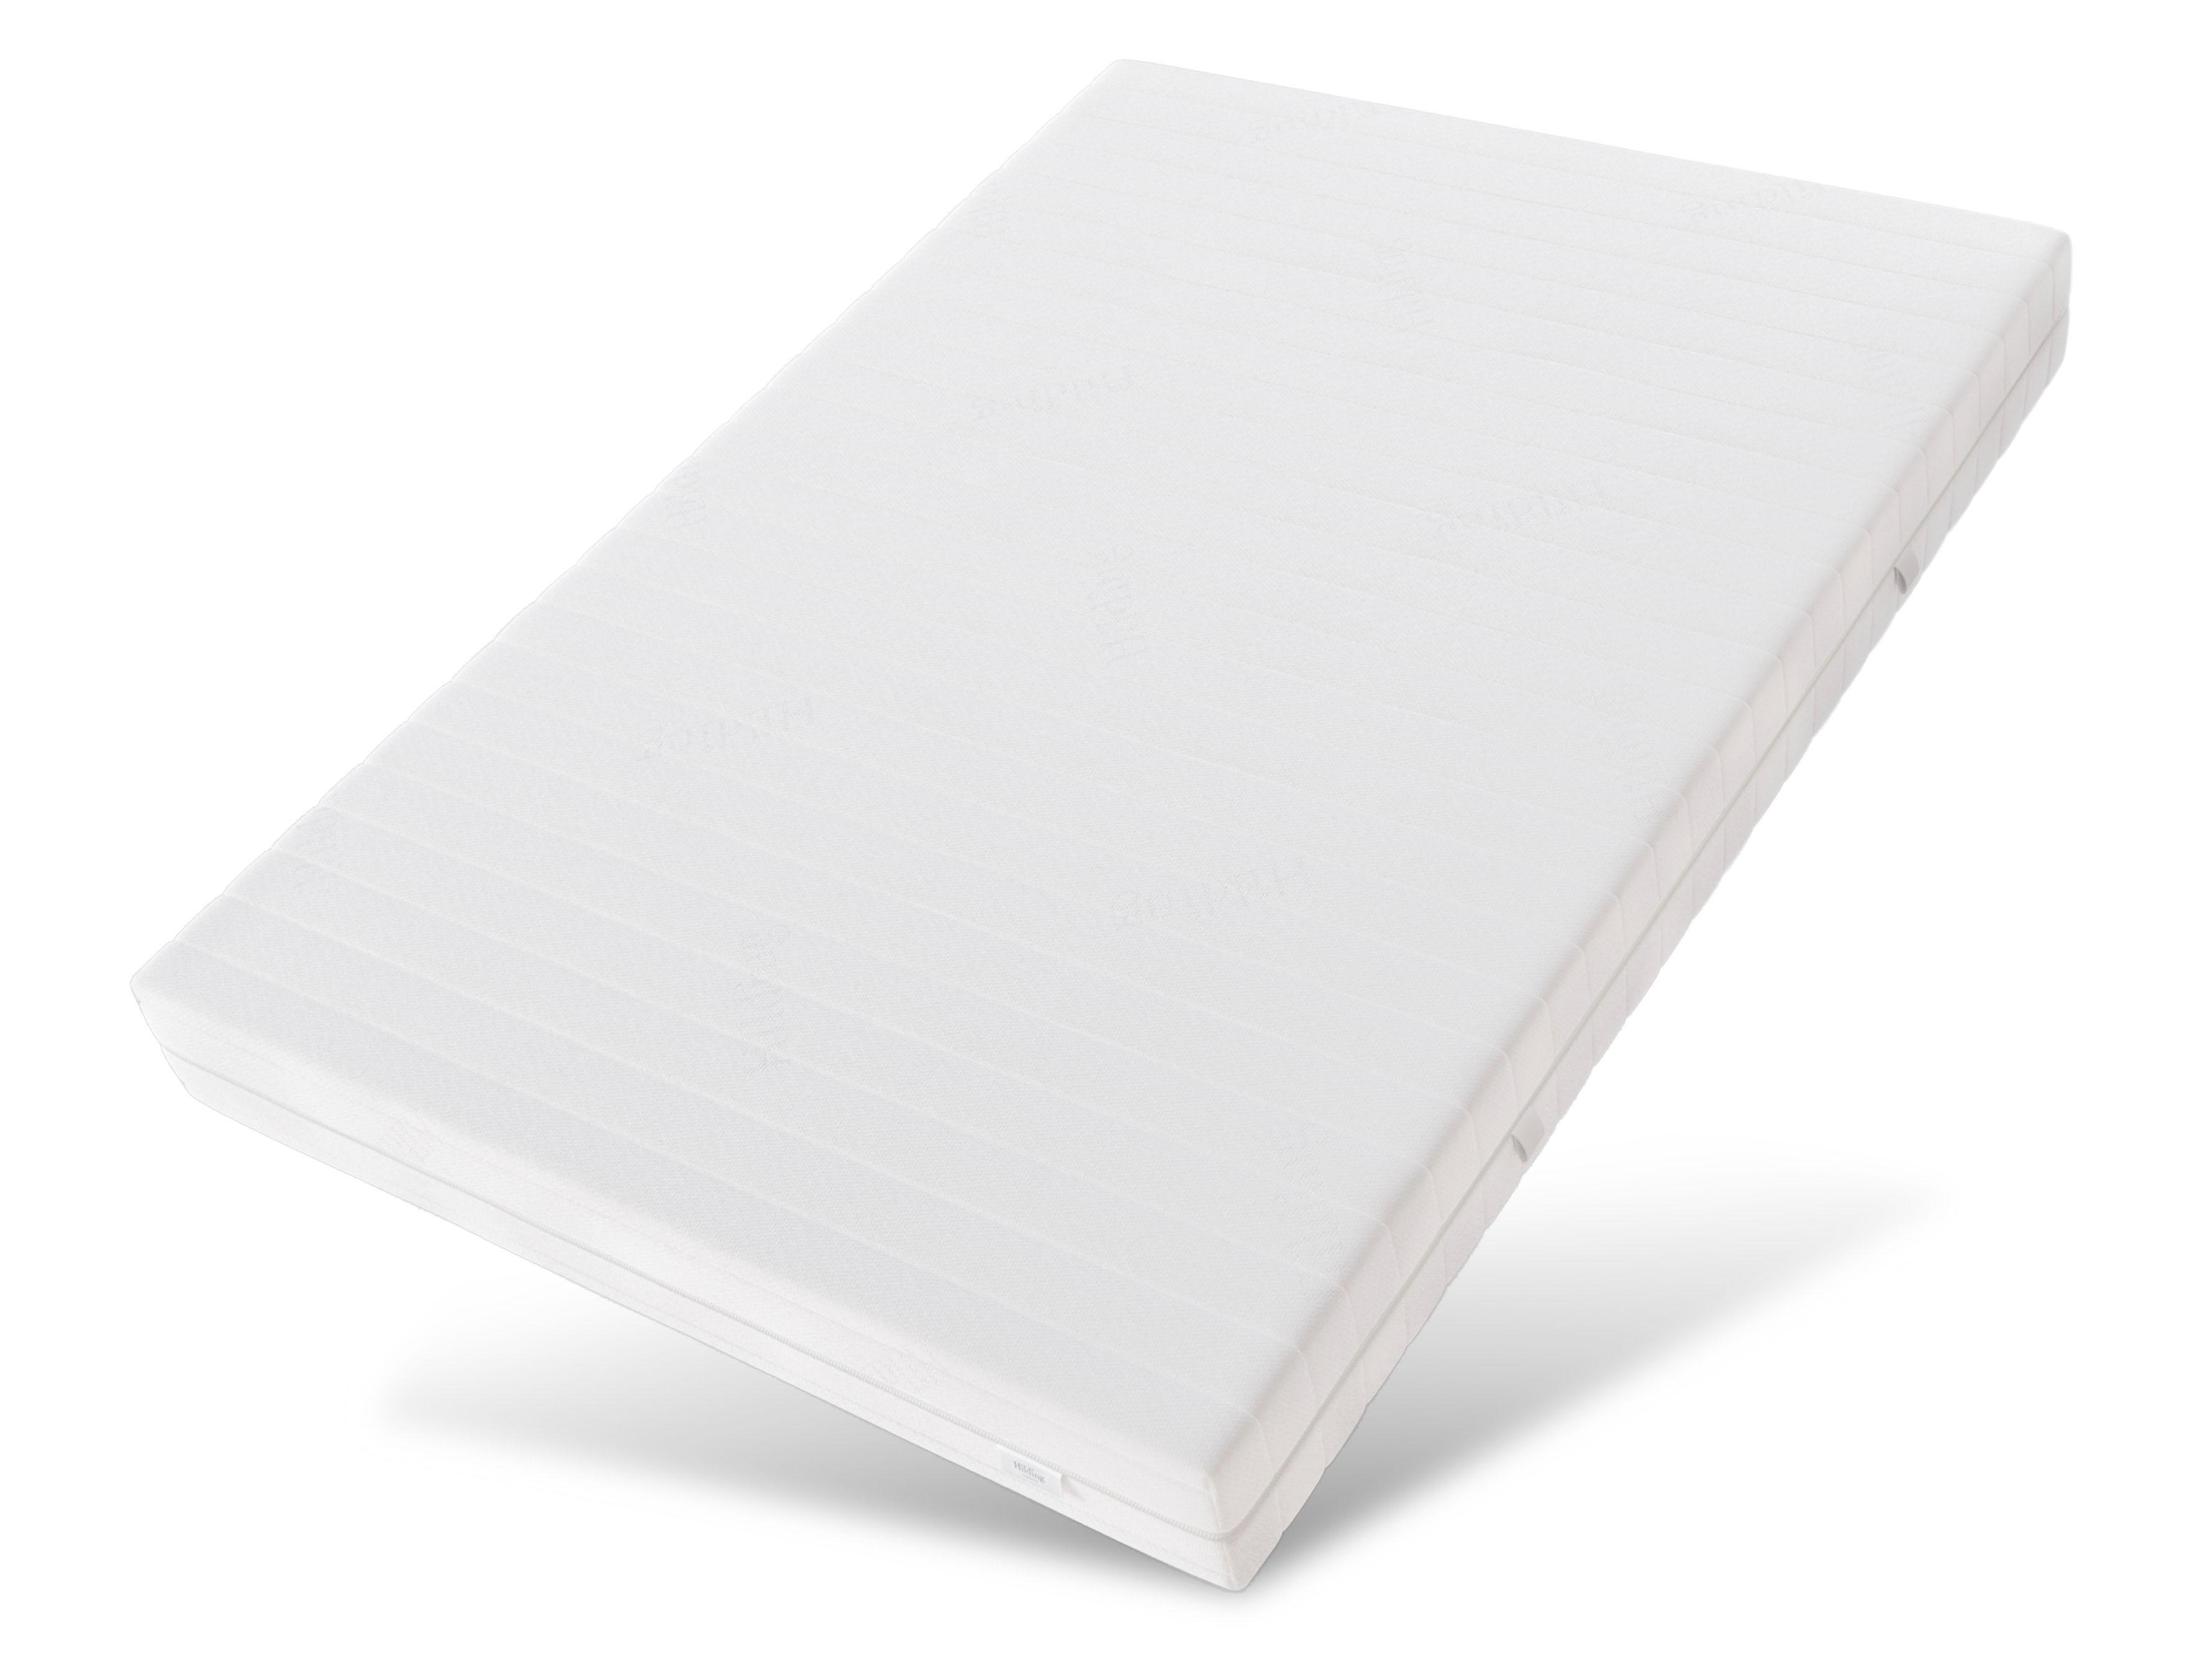 Komfortschaummatratze Essentials Plus Hilding Sweden 21 cm hoch